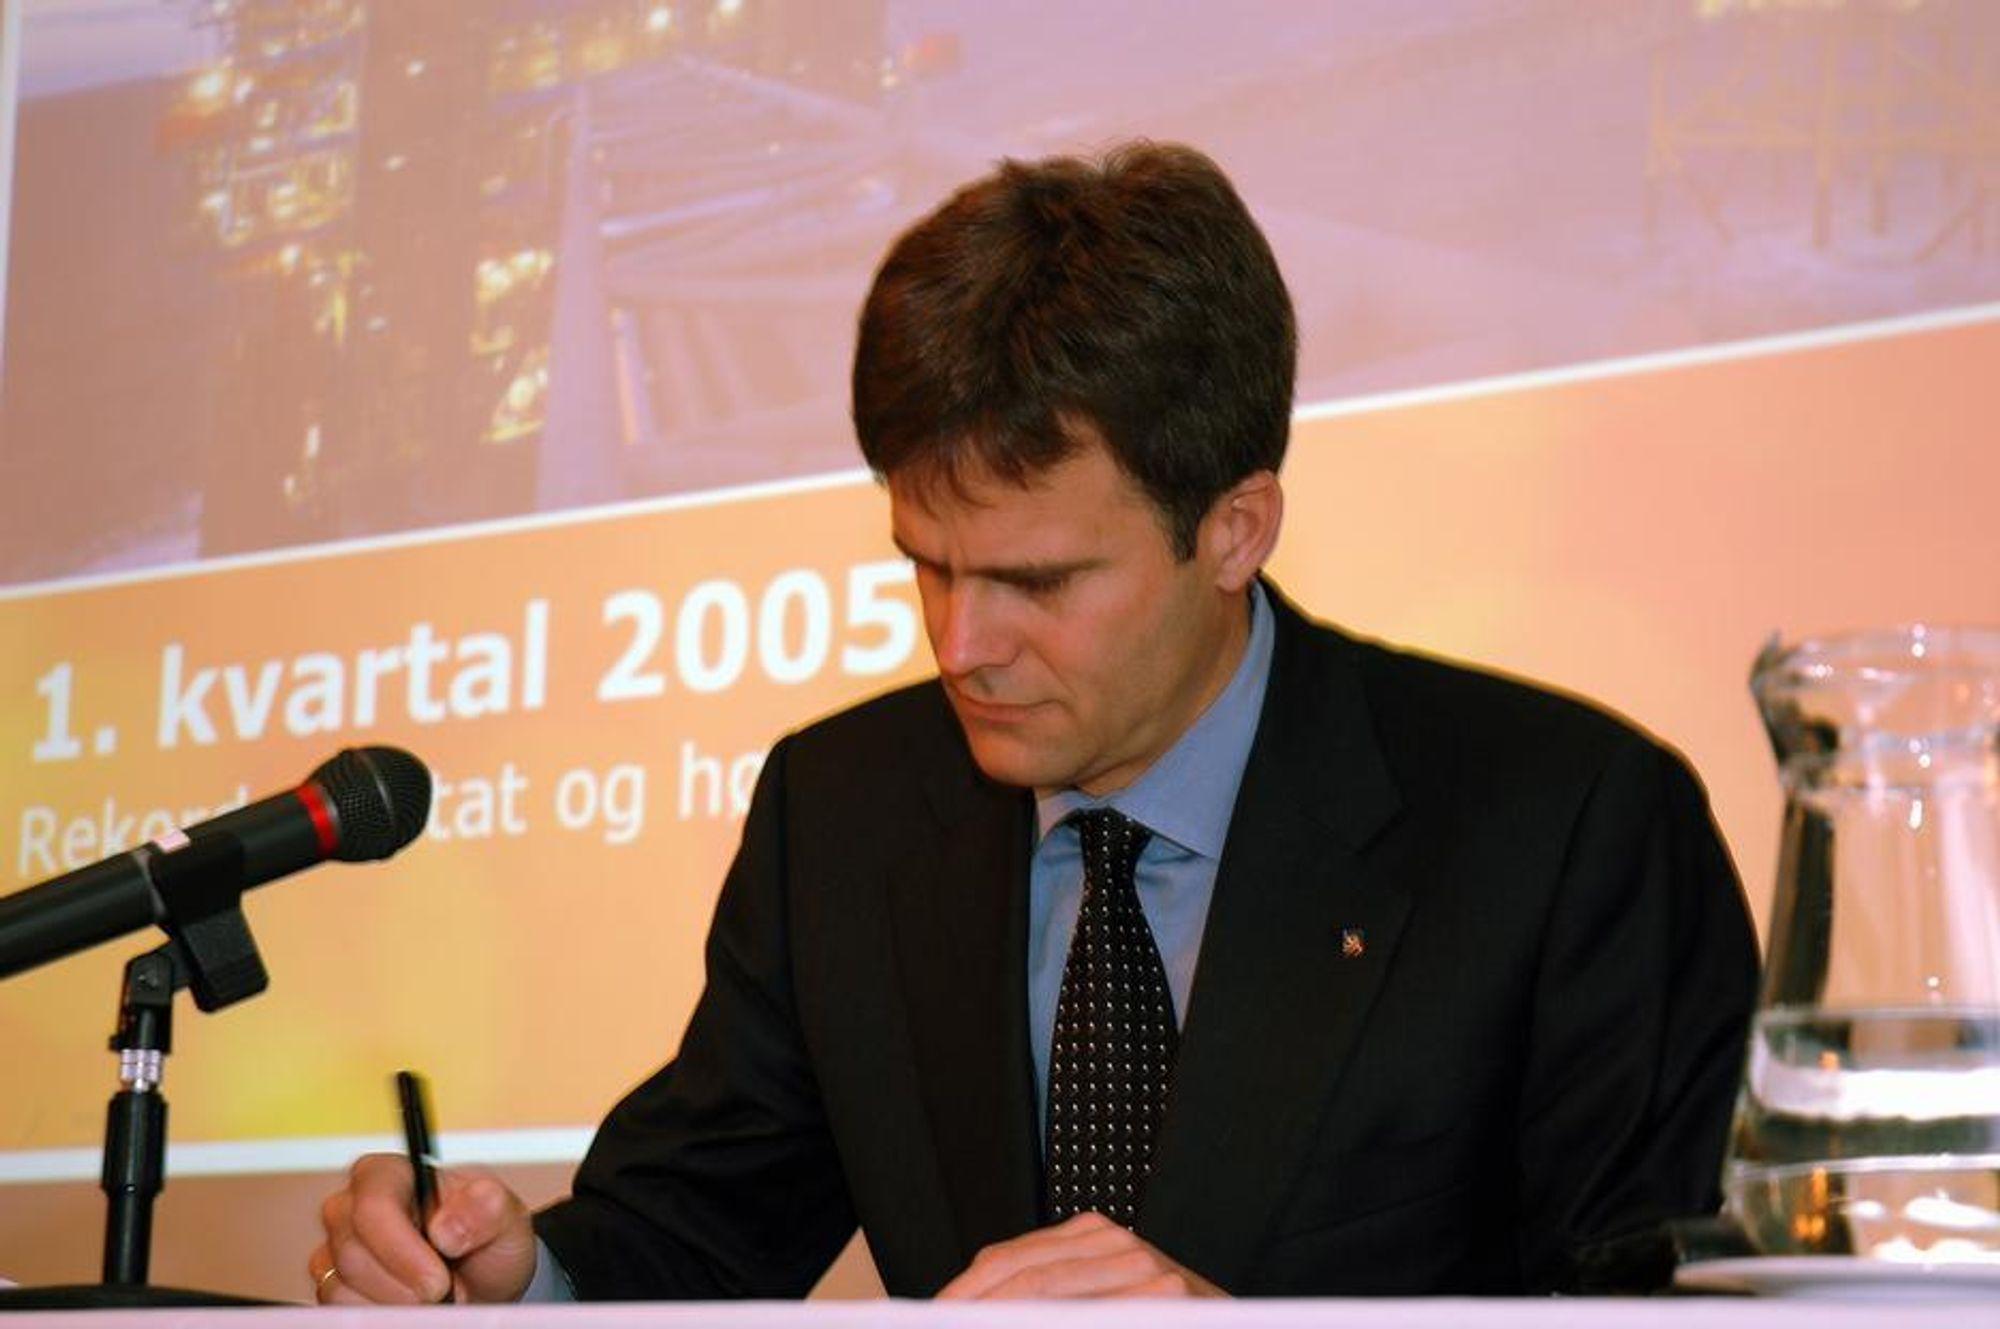 SISTE INNSPURT: Konsernsjef Helge Lund er godt fornøyd med kvartalsresultatene i Statoil.